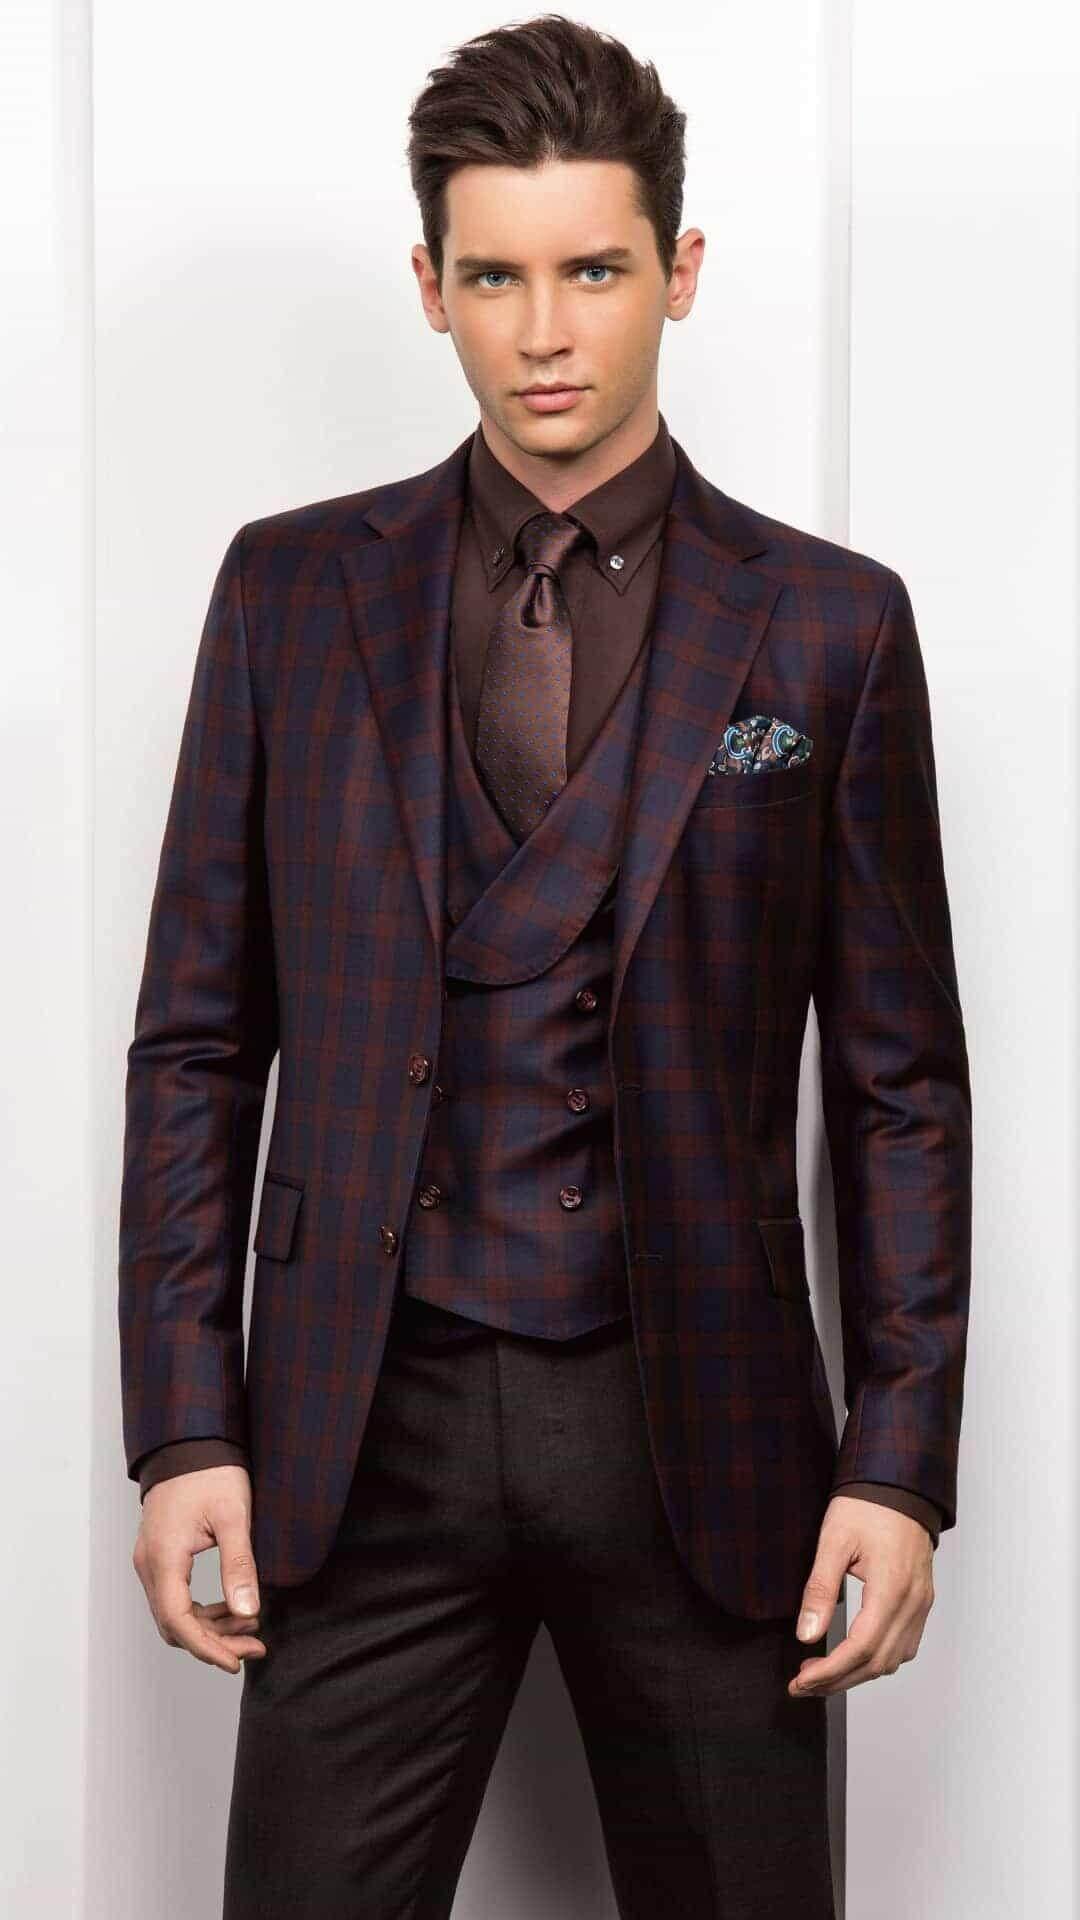 Các đề xuất để chọn được thợ may chuyên nghiệp tại cửa hàng may áo vest nam uy tín